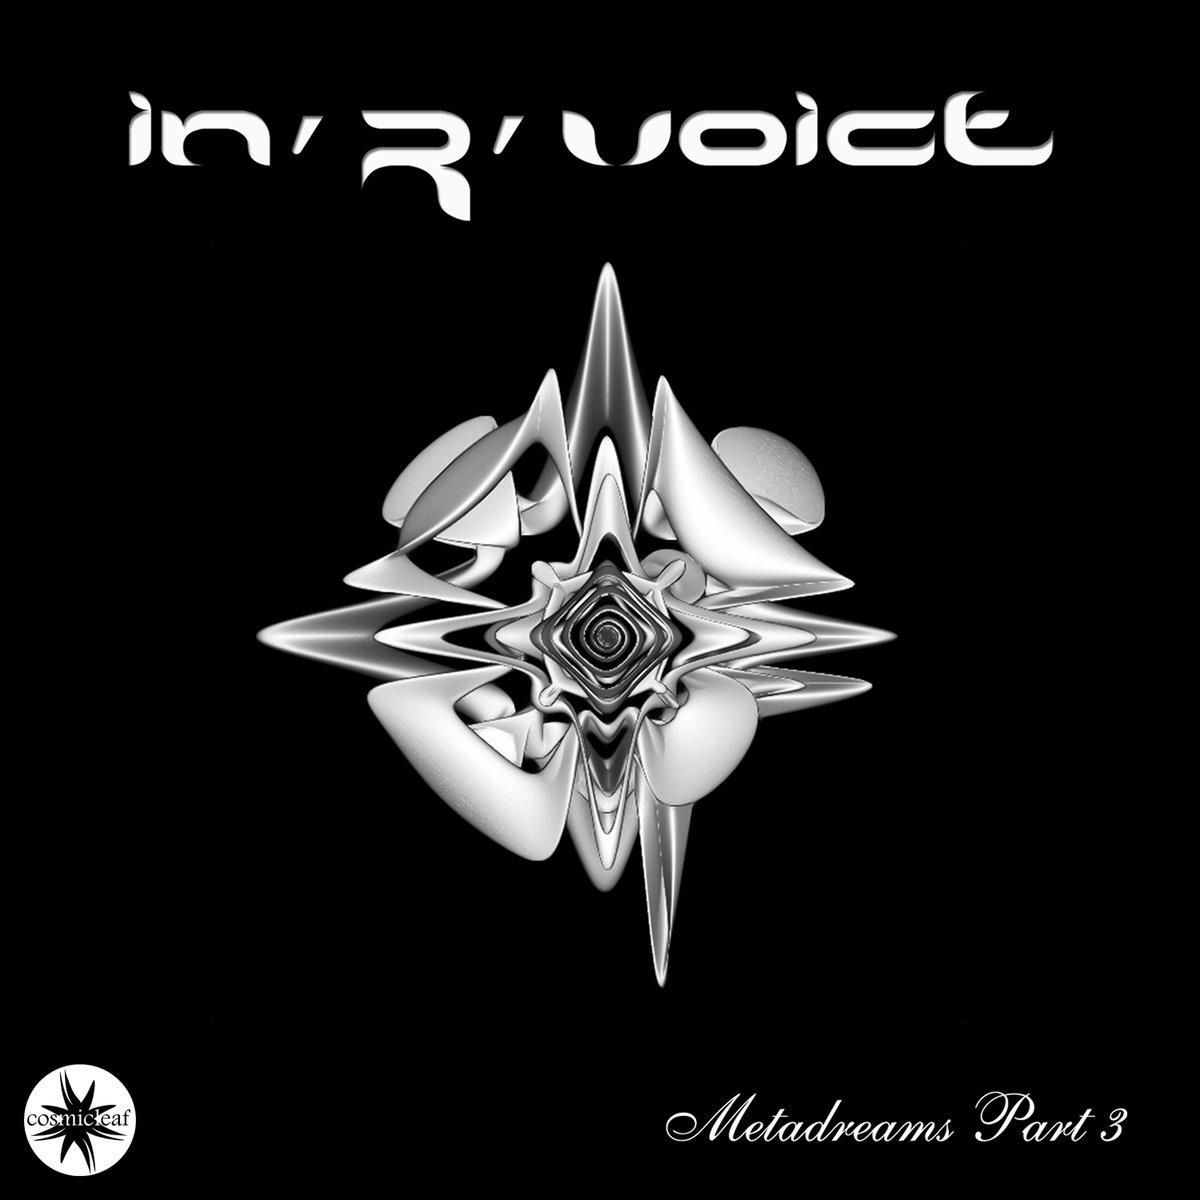 56. InRVoice - Metadreams Vol. 3